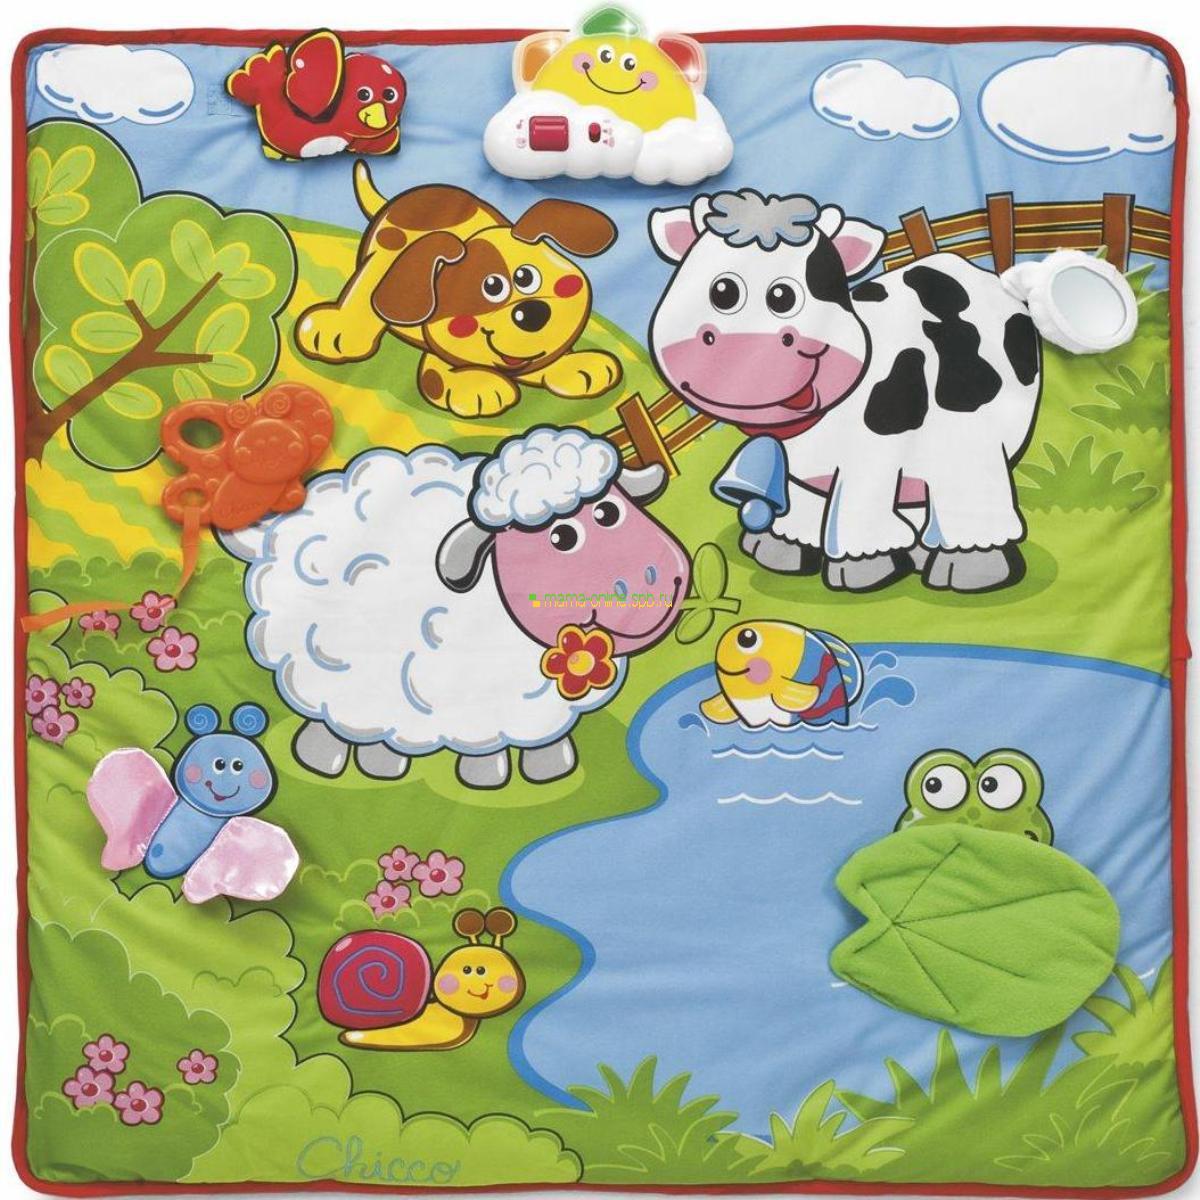 Развивающий детский коврик 0-9 месяцев